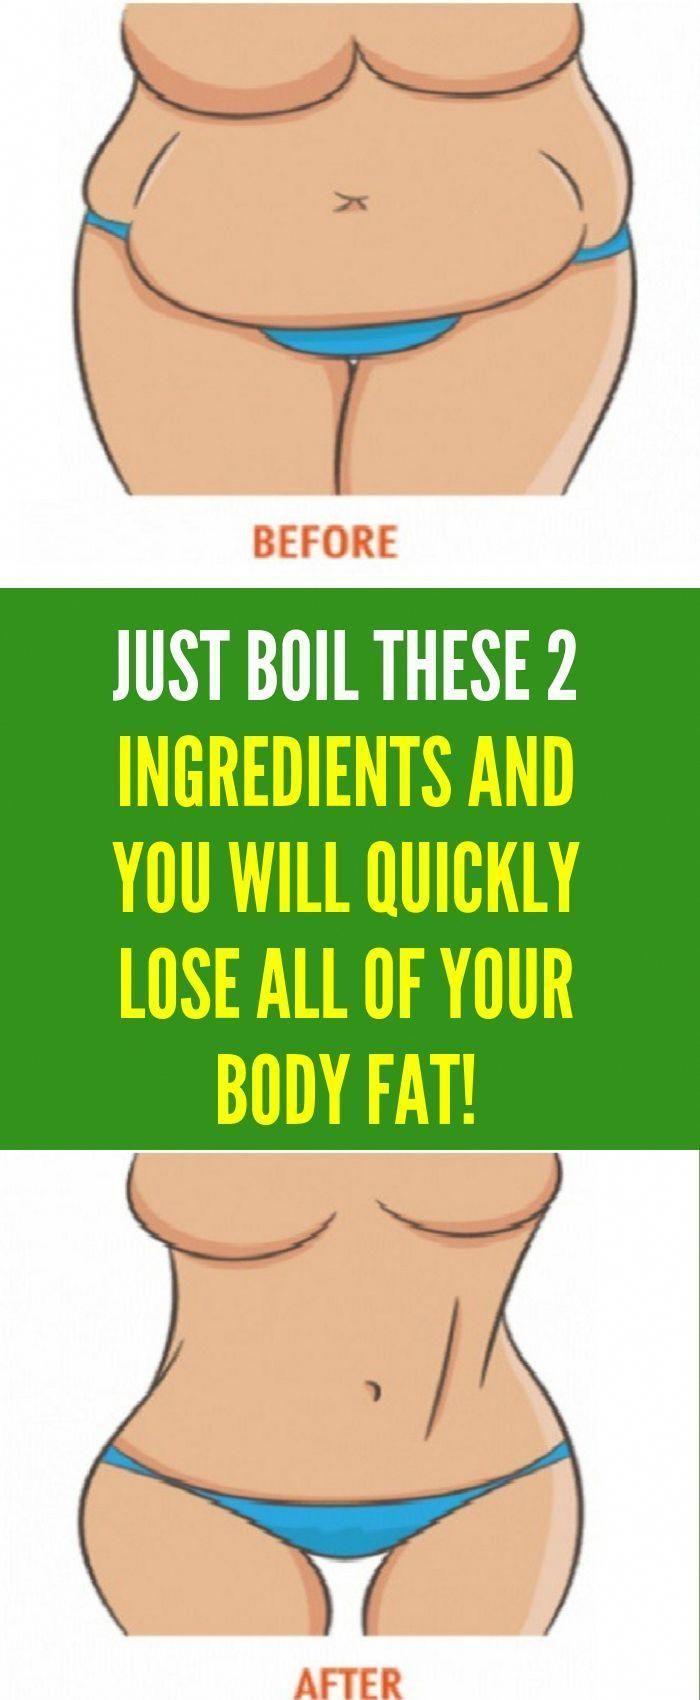 The Boiled Egg Diet Eg Verliere 24 Pfund in nur 2 Wochen #nutrition #boiledeggnutr ... #boiledeggnutrition